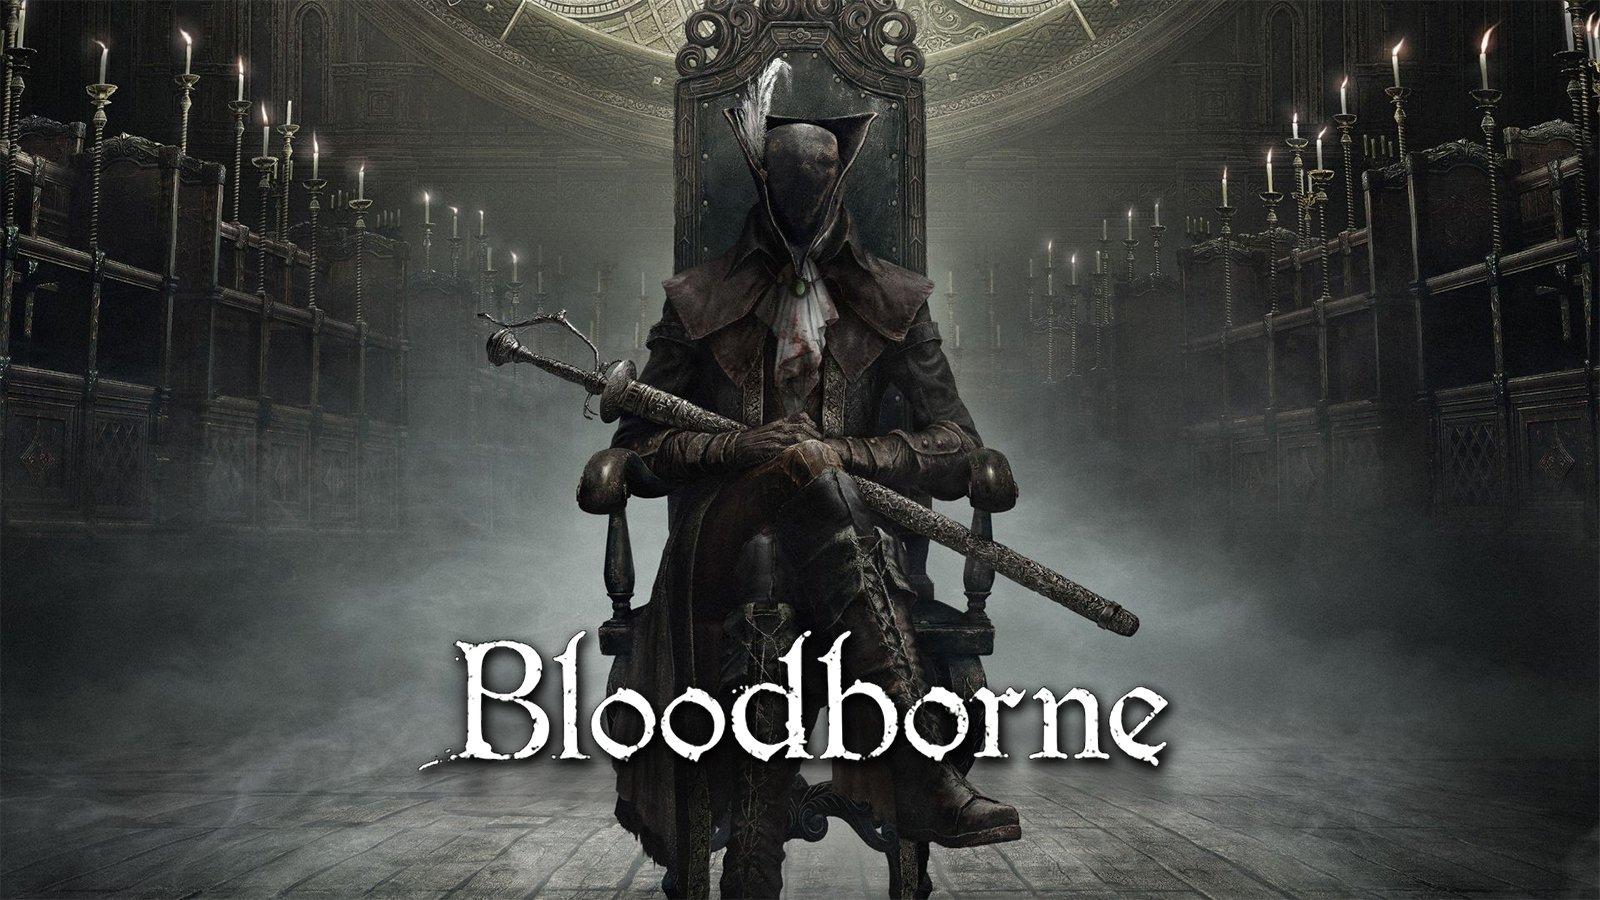 Aparentemente a FromSoftware está mais perto de publicar o Bloodborne remaster para PC e PS5 do que o público imagina.